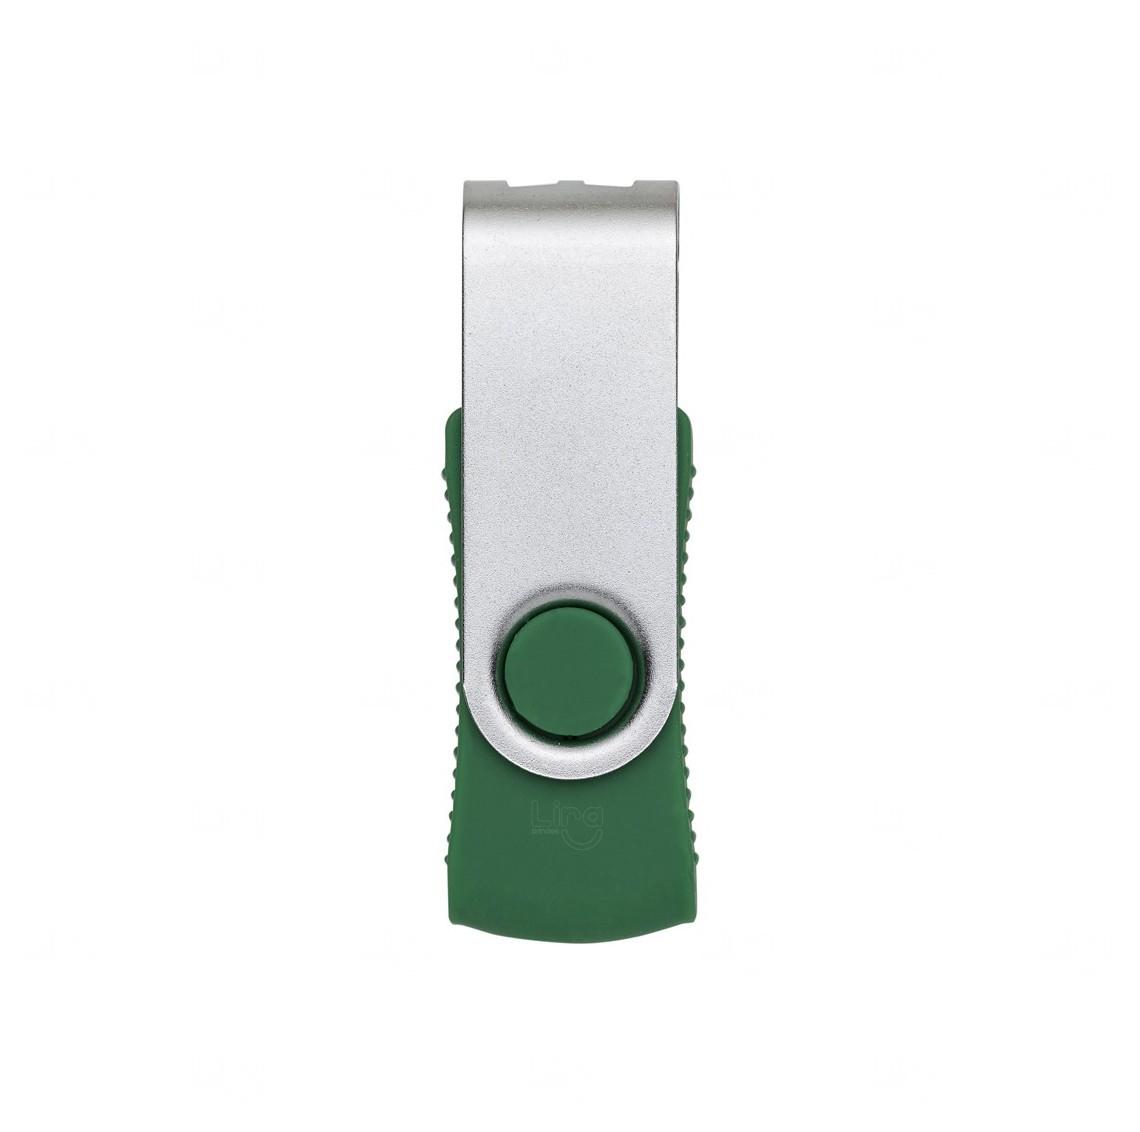 Pen Drive 8 Gb Com Tampa Giratória Verde